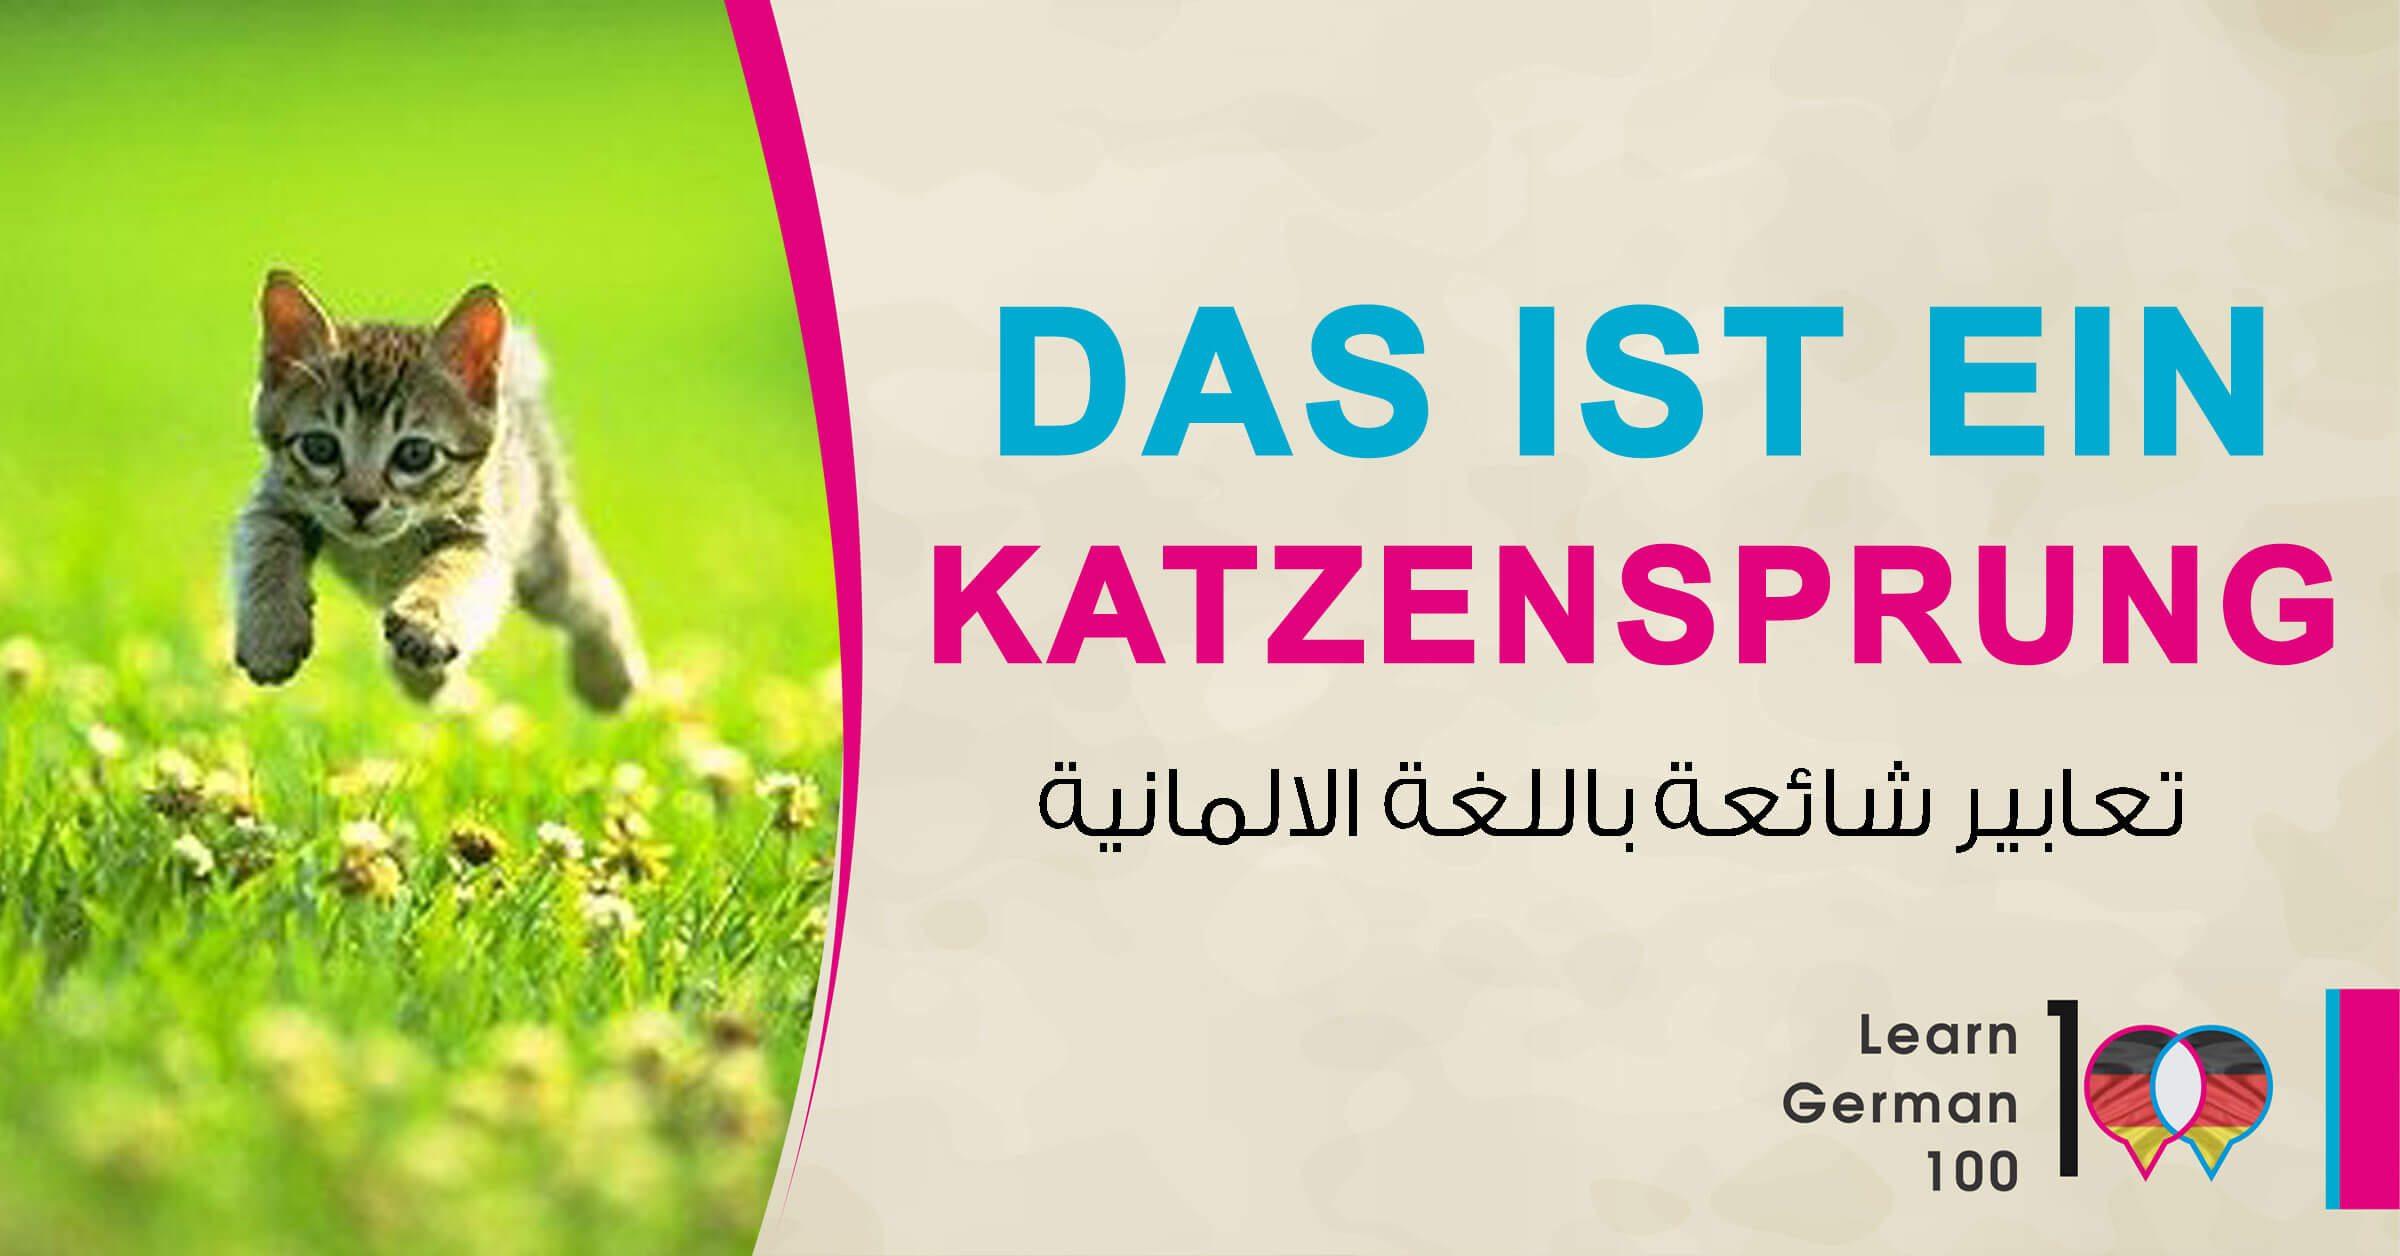 تعبير الماني شائع مع ترجمته ومثال Das ist ein Katzensprung